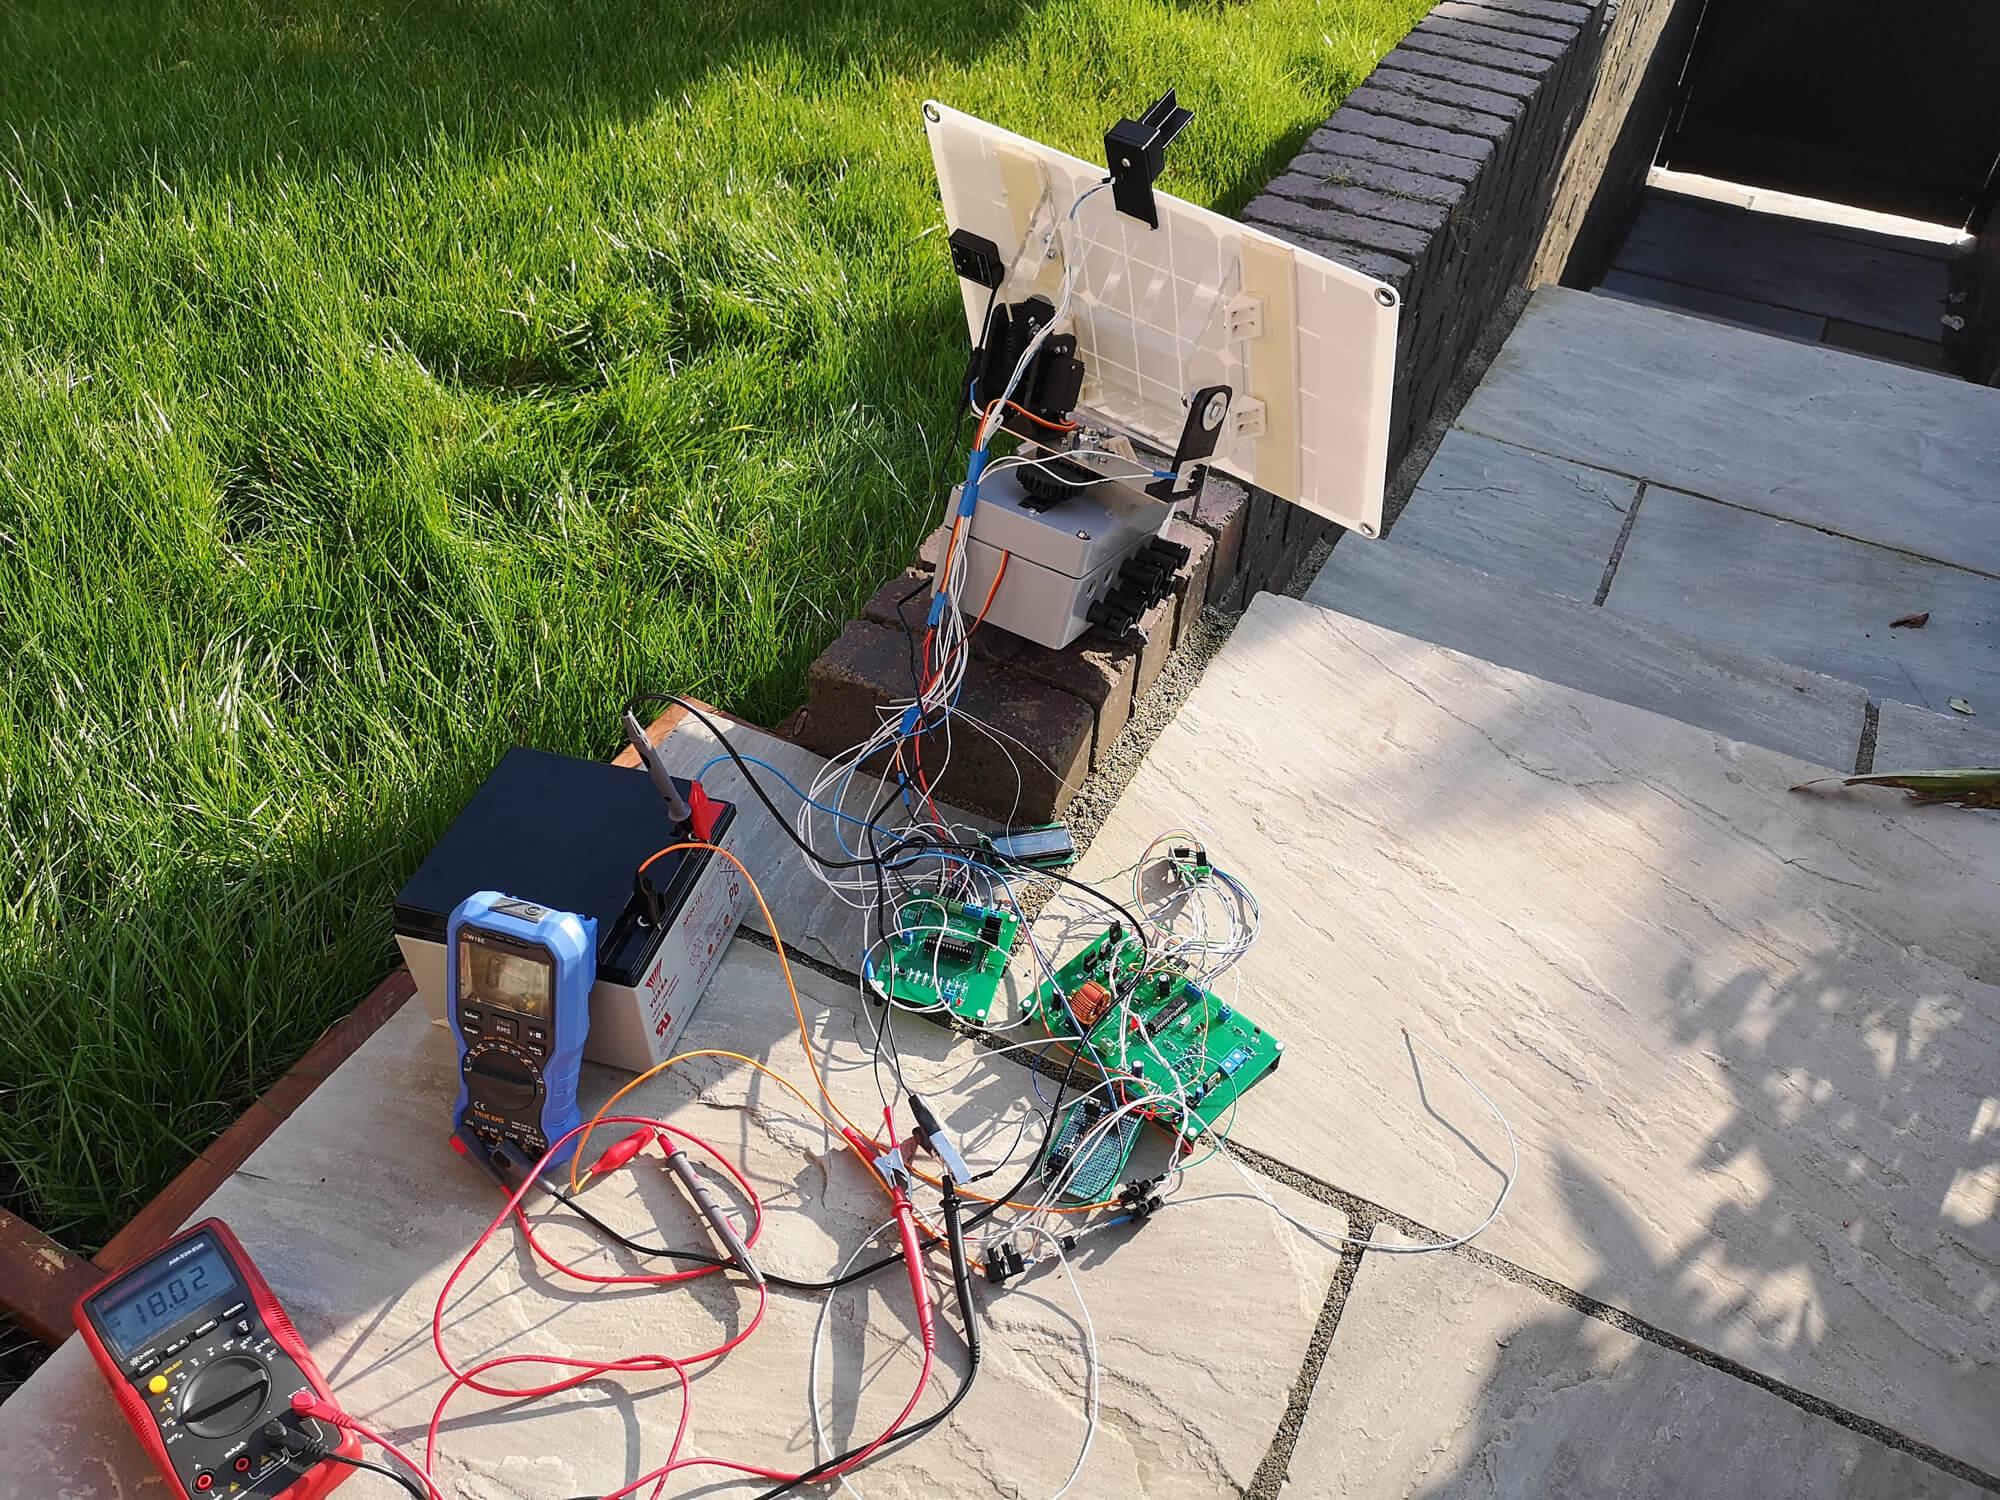 Prototype Testing in the garden